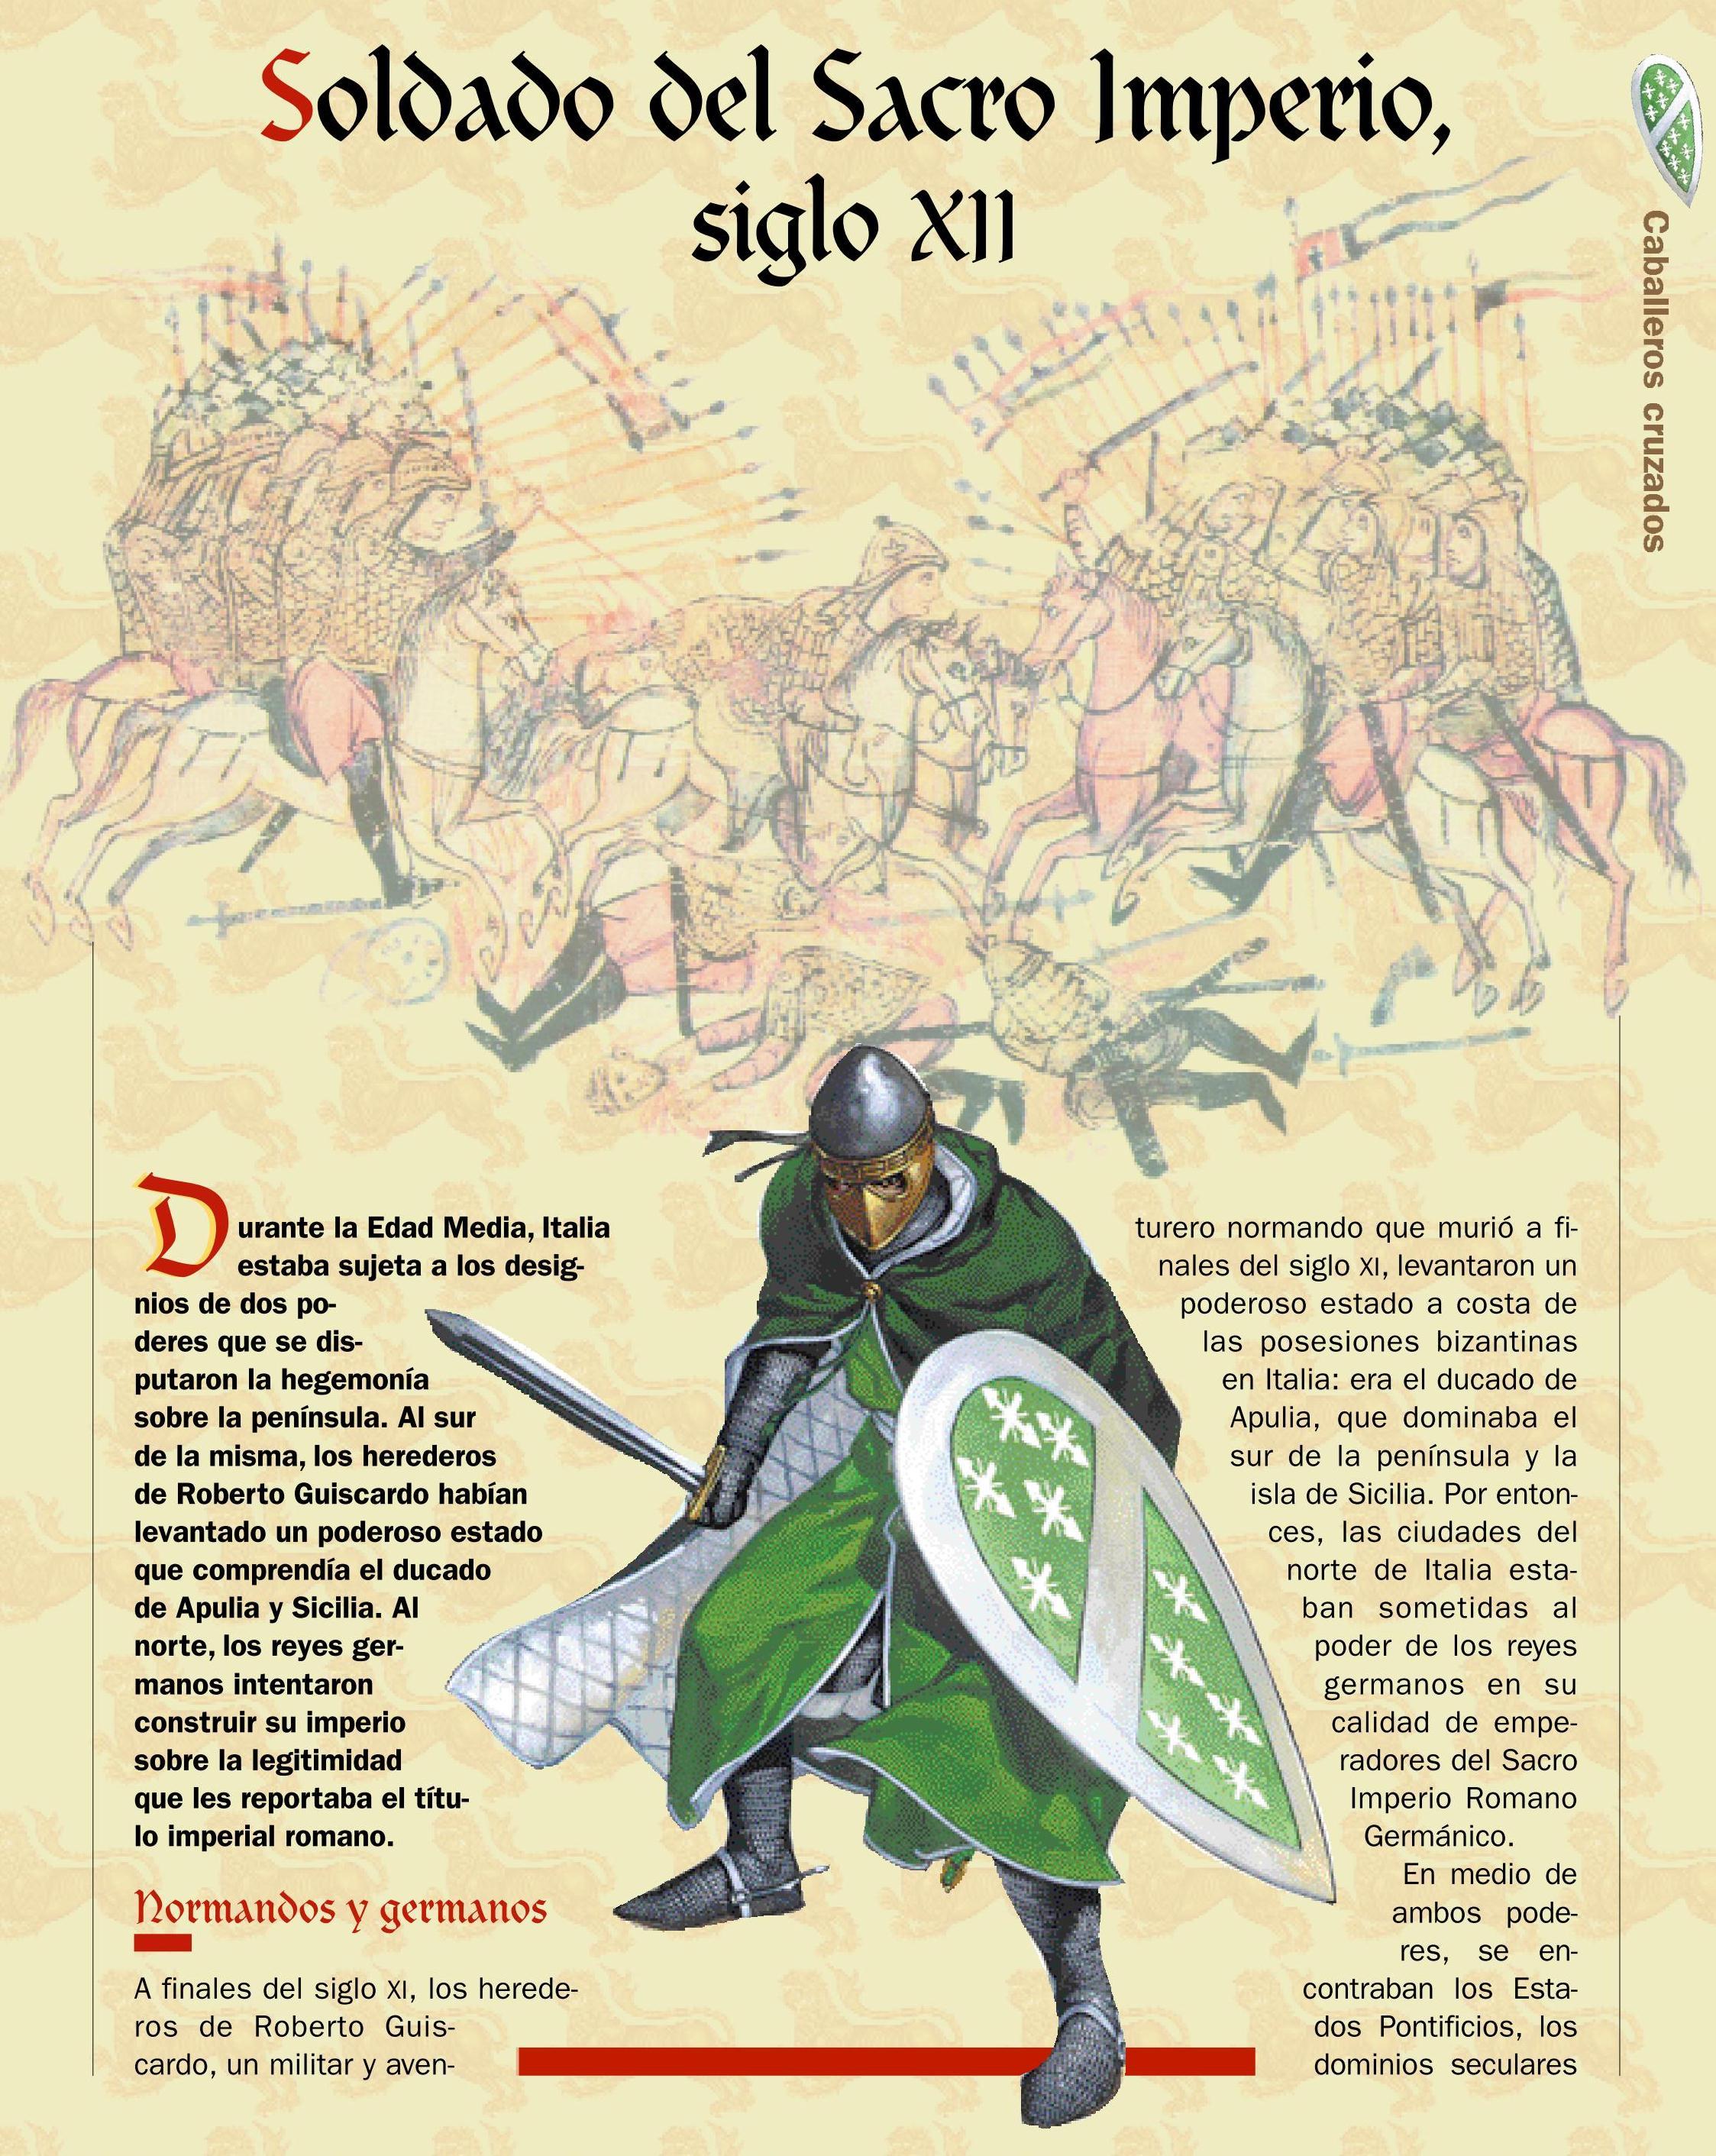 Sacro Imperio Romano Germánico   www.elhistoriador.es